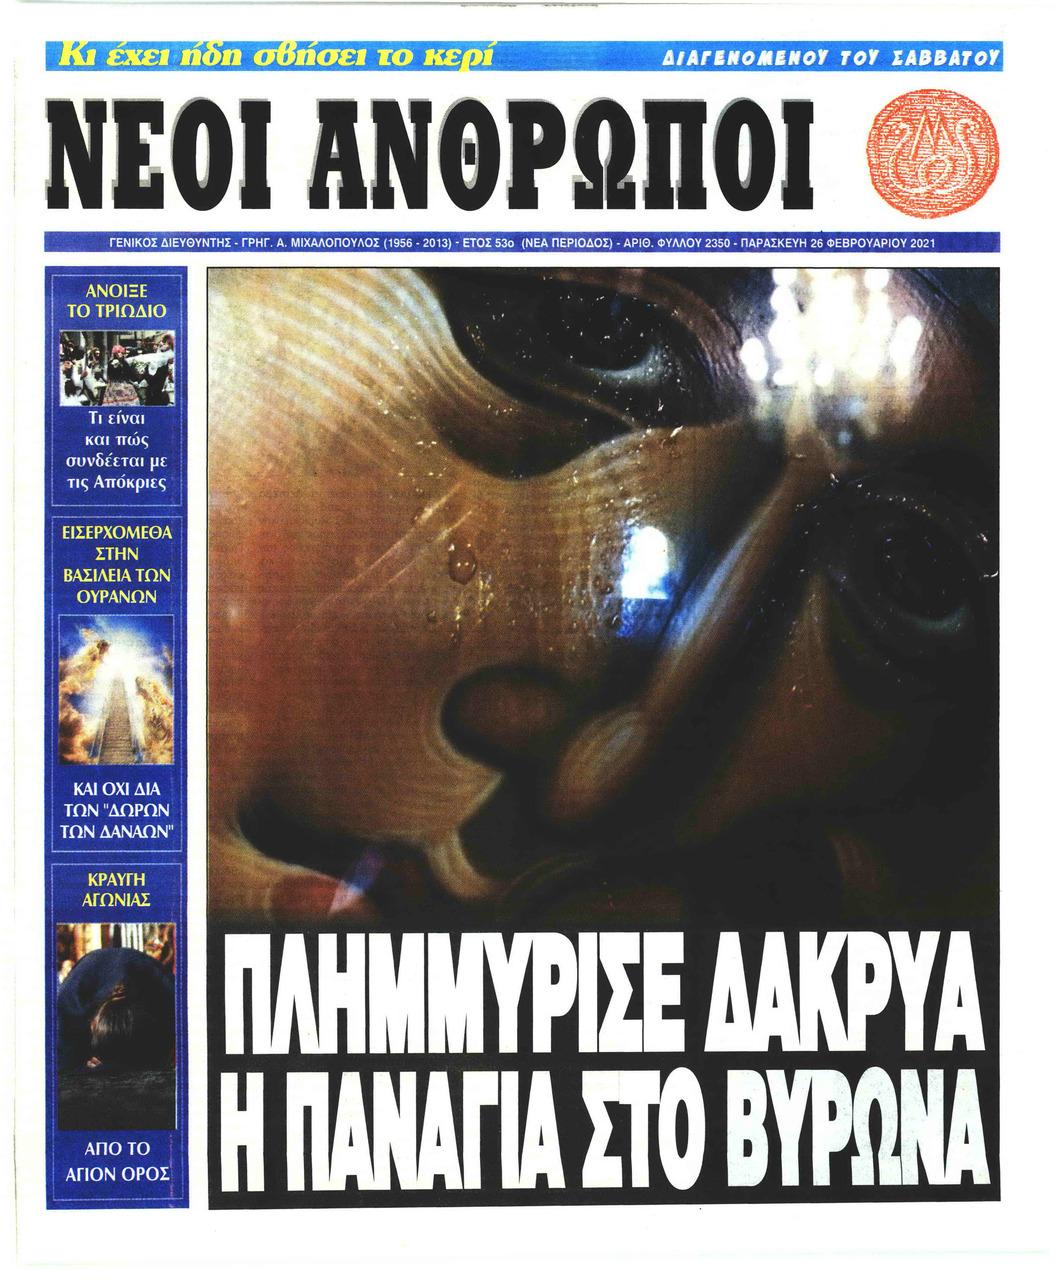 Πρωτοσέλιδο εφημερίδας Νέοι Άνθρωποι